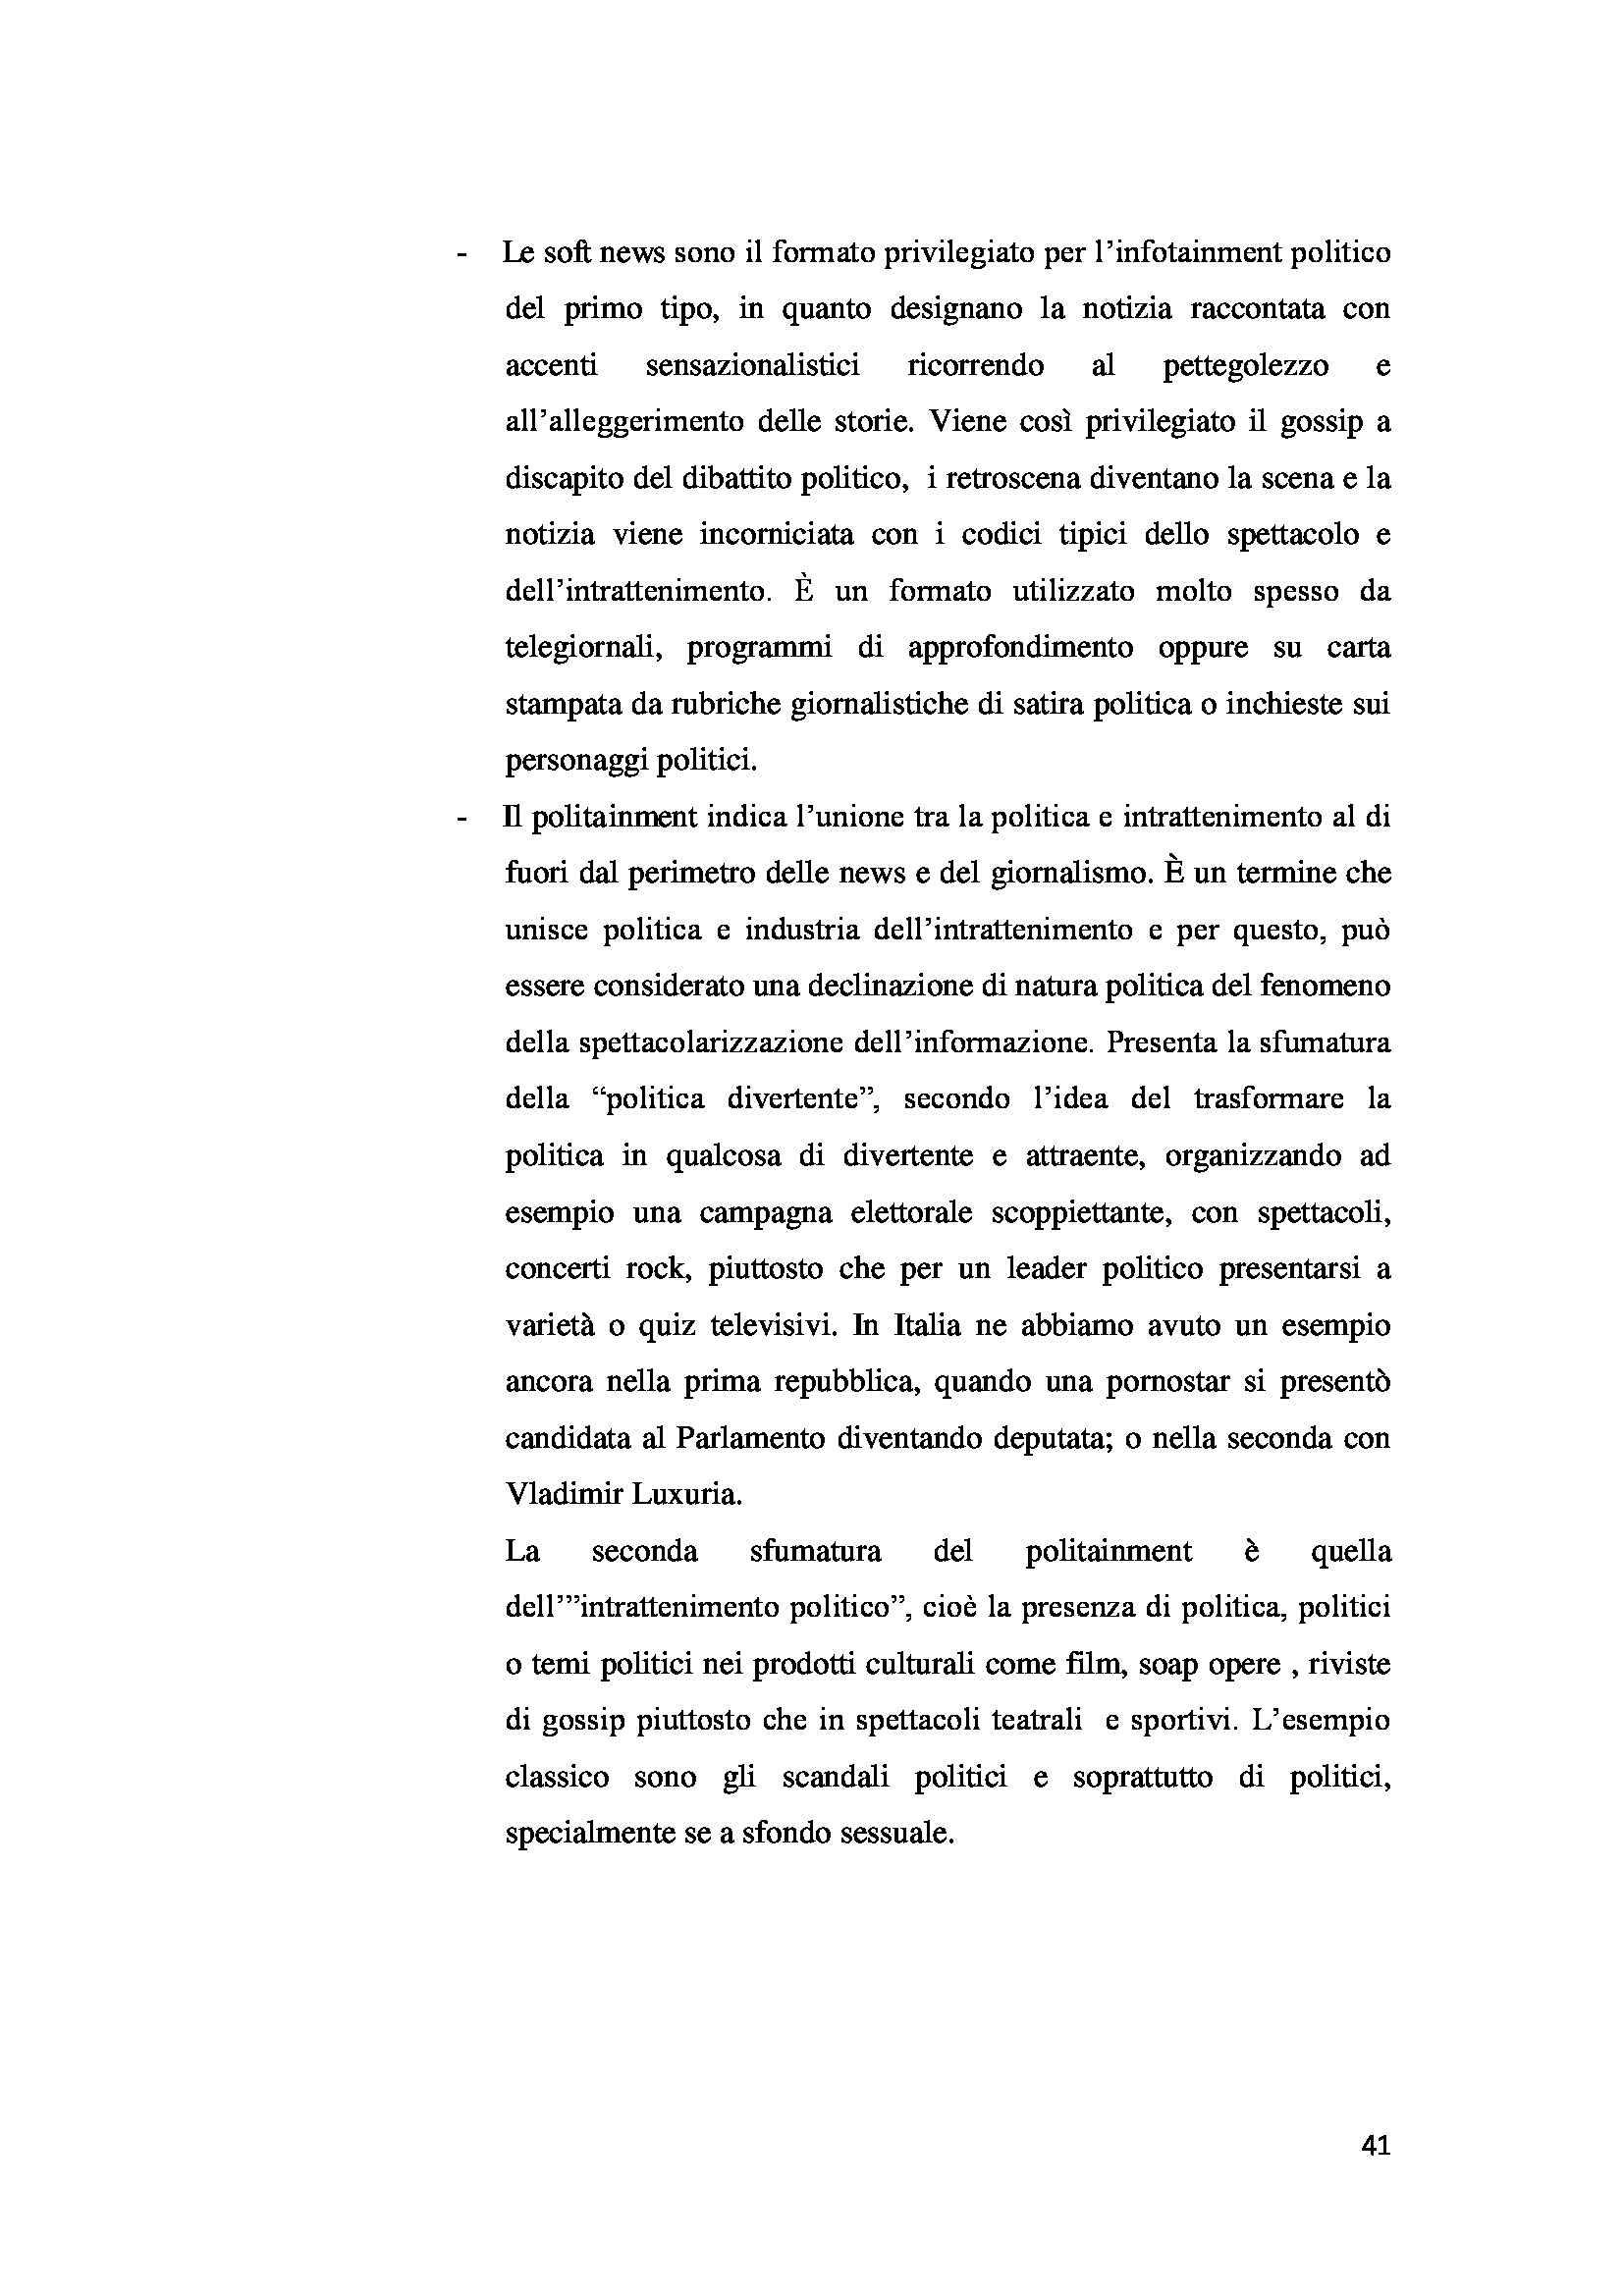 Tesi triennale - La personalizzazione e la spettacolarizzazione della politica Pag. 41